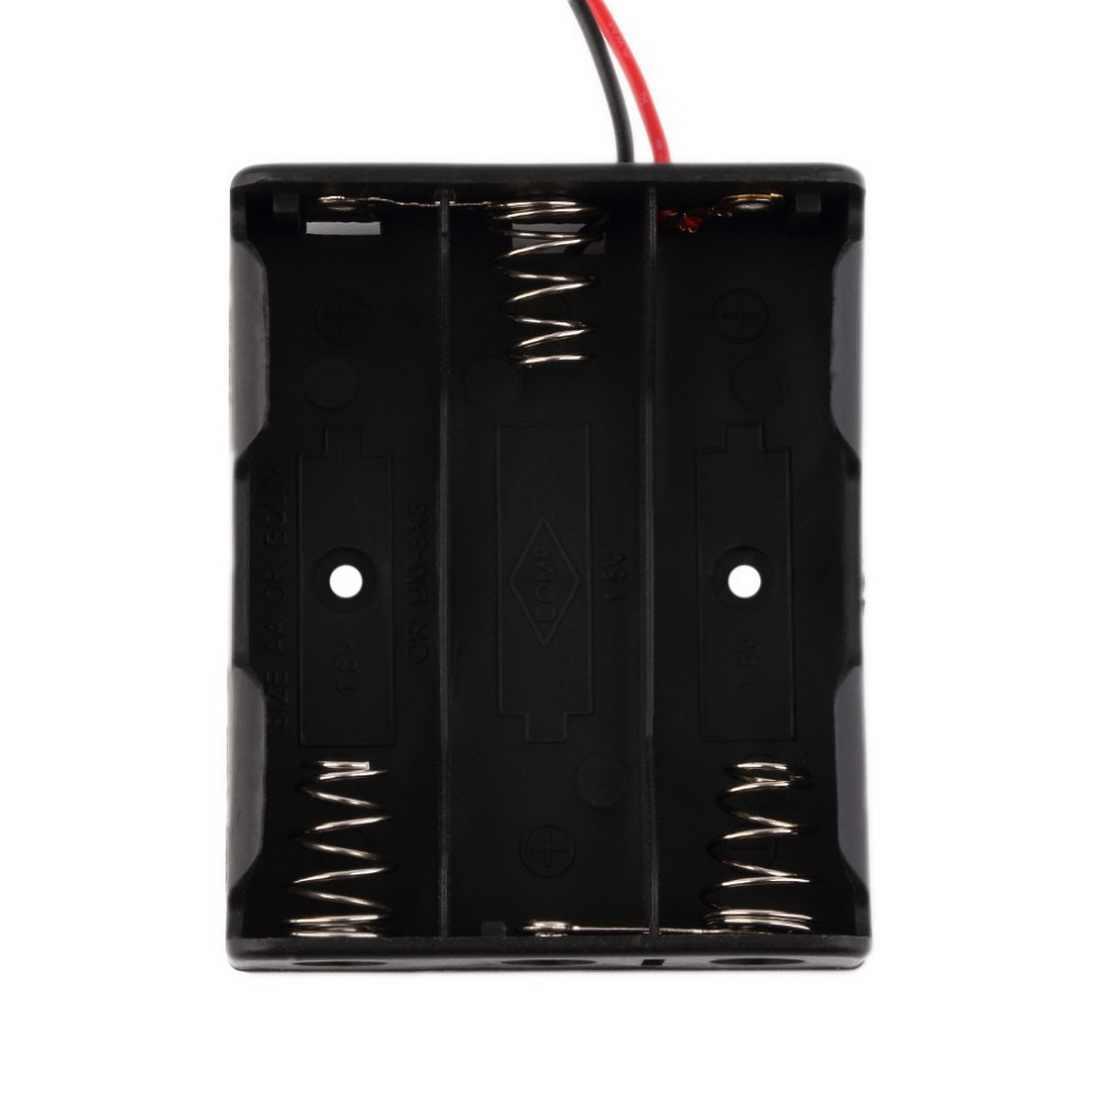 New1PC بطارية حامل البطارية الحال بالنسبة 1/2/3/4 قطعة AA 1.5 فولت حافظة بطاريات الجافة صندوق كابل طويل مشبك بطارية موصل مشبك